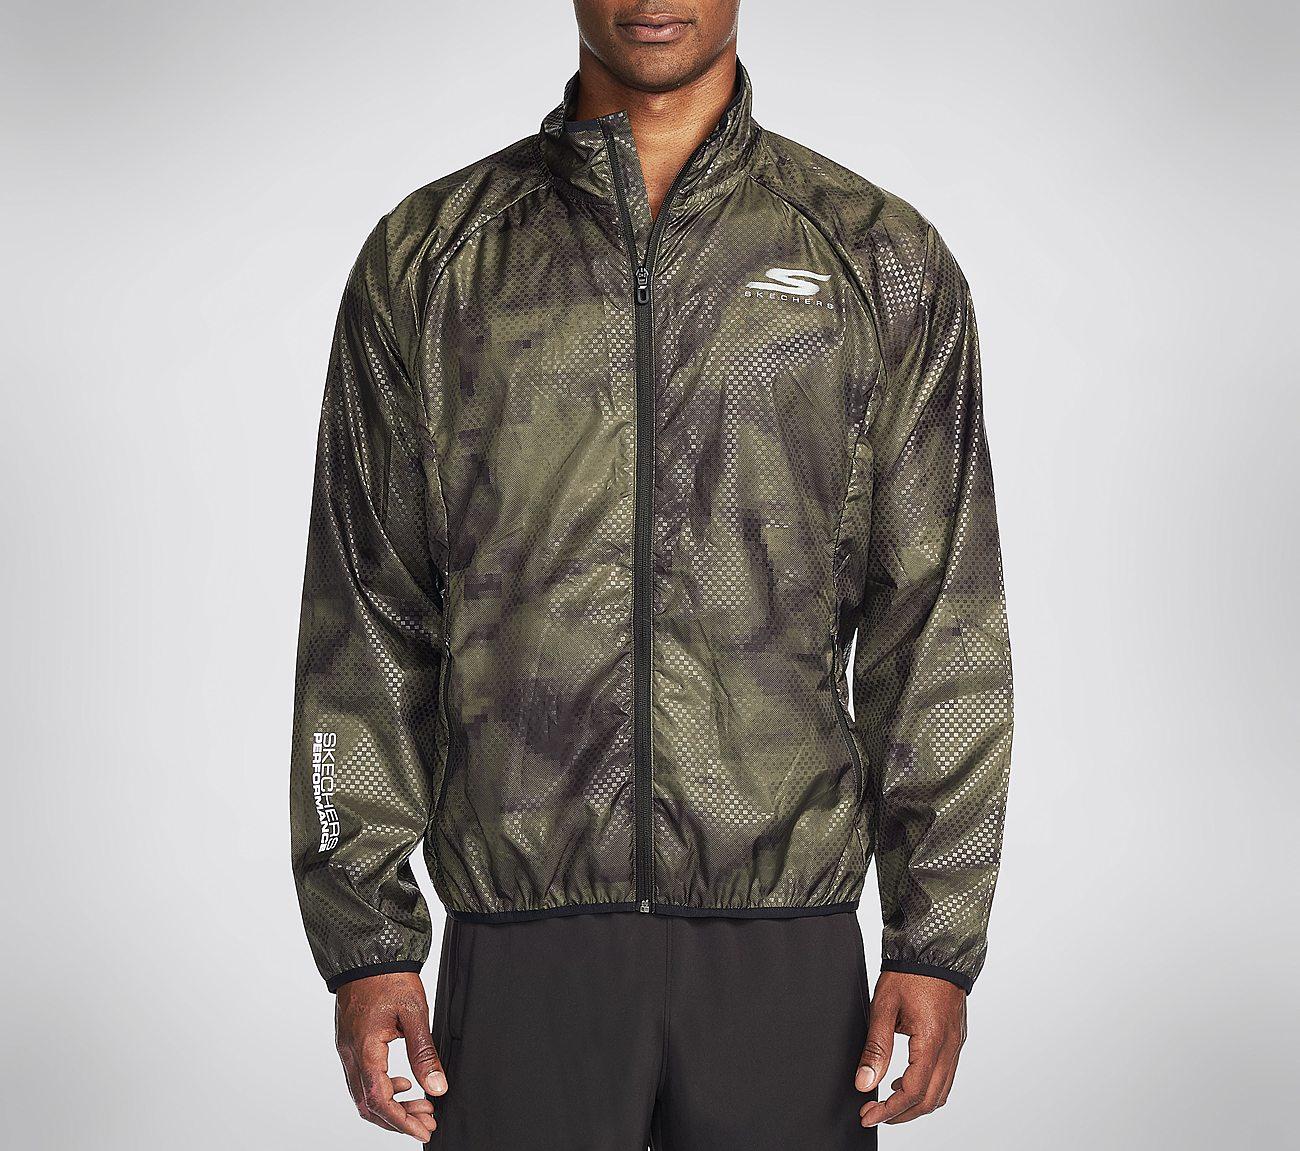 Wrightwood Jacket